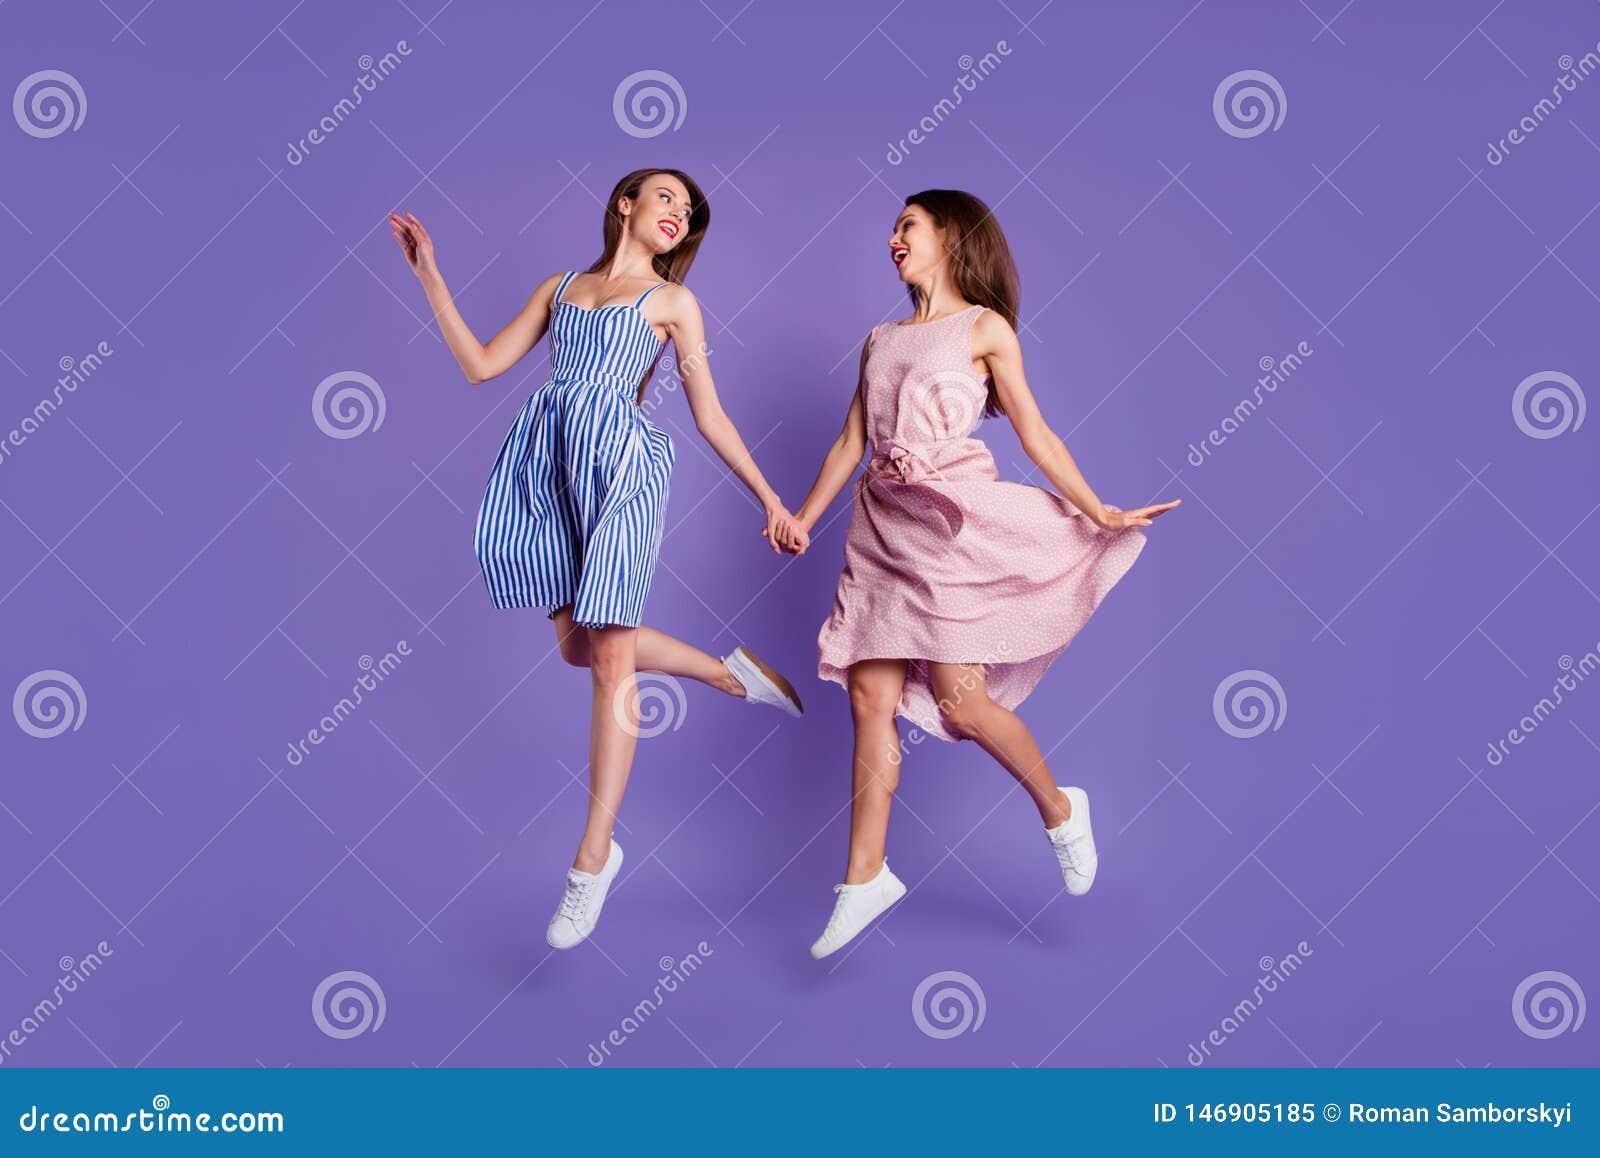 Härligt skraj för fulla för längdkroppformat personer för foto två hoppar hon hennes modeller som damer rymmer händer, hög bästa